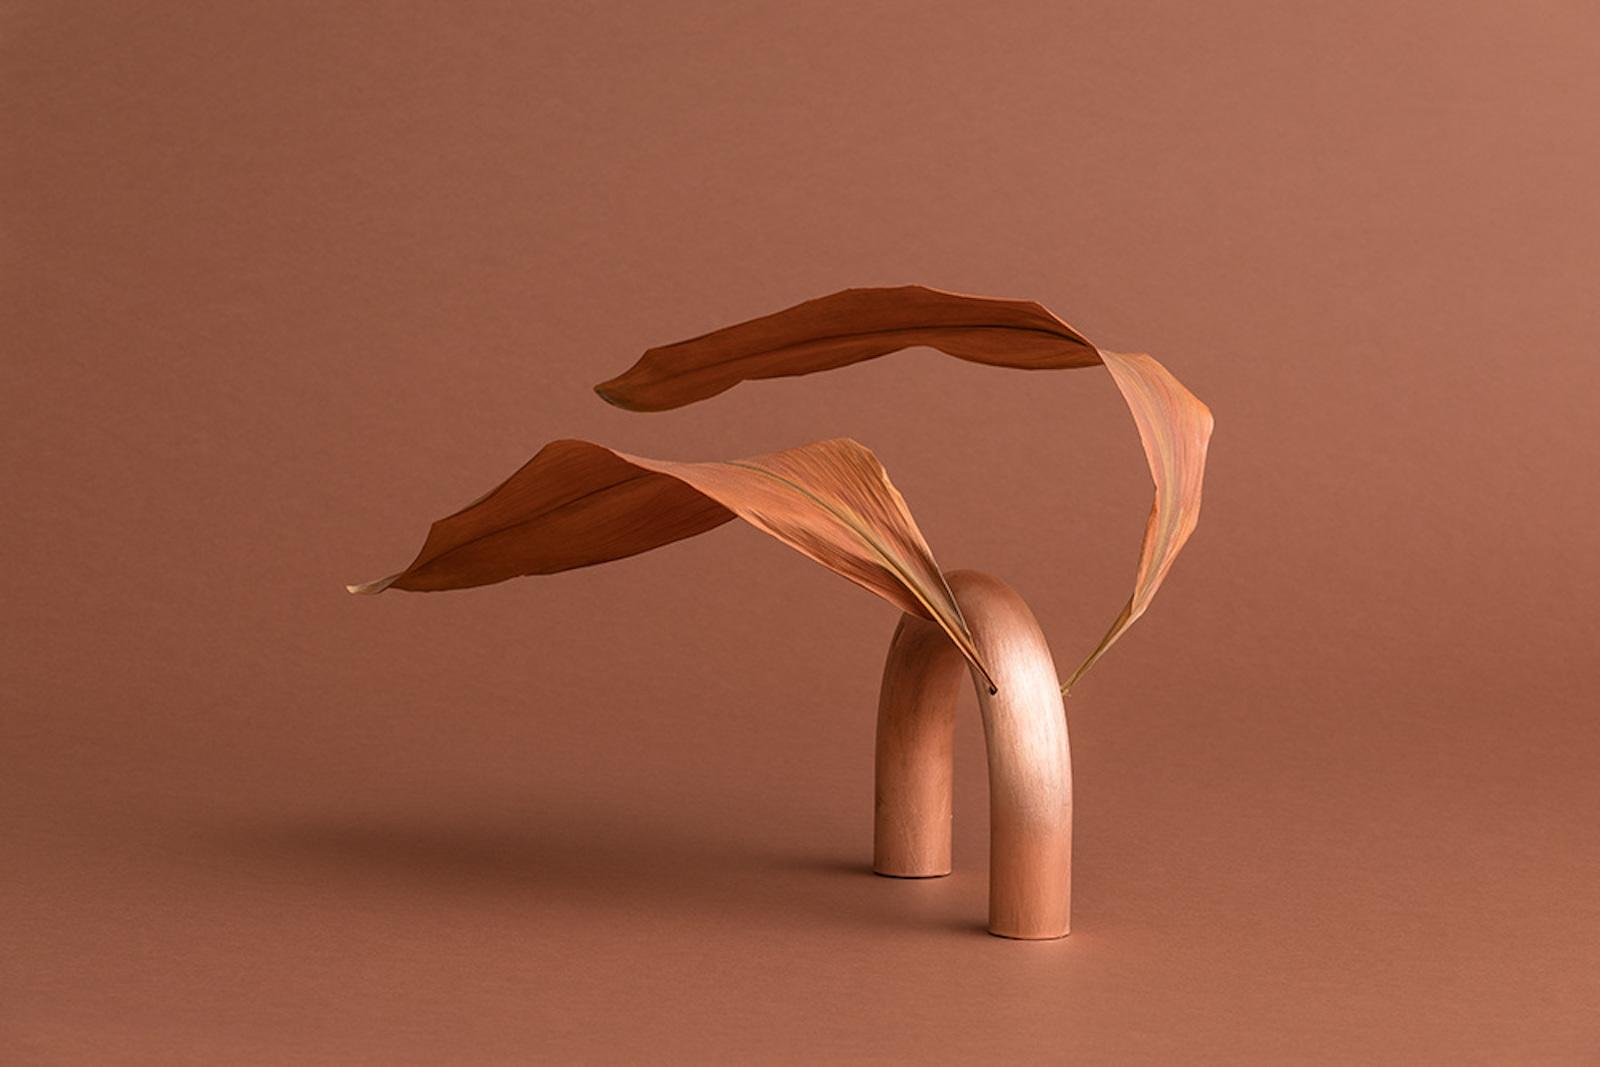 ignant-design-sara-ricciardi-vases-007-1